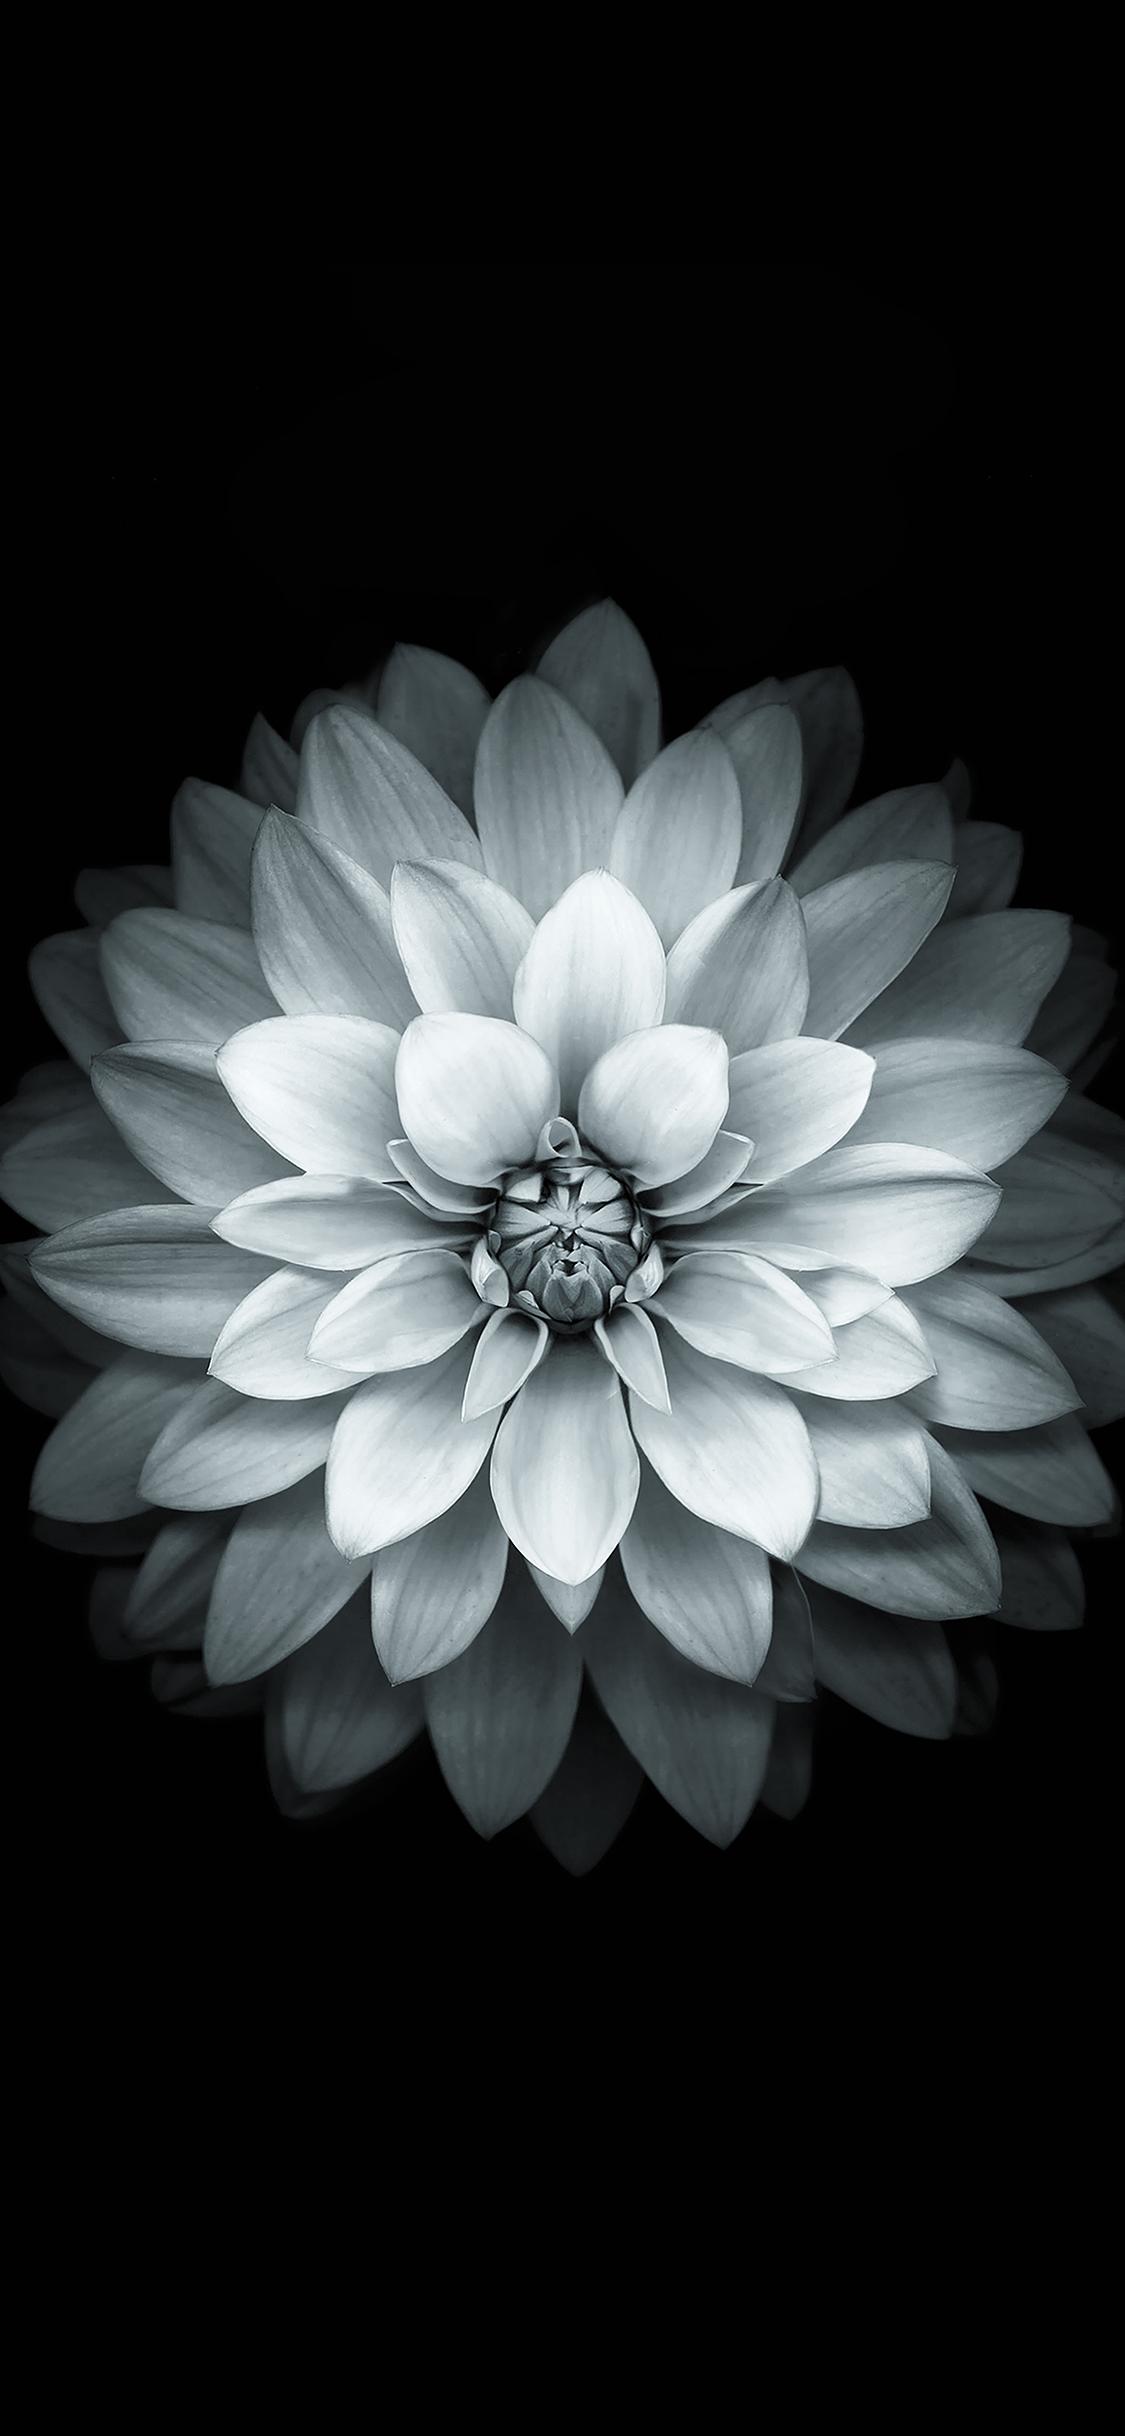 iPhoneXpapers.com-Apple-iPhone-wallpaper-ad41-apple-white-lotus-iphone6-plus-ios8-flower